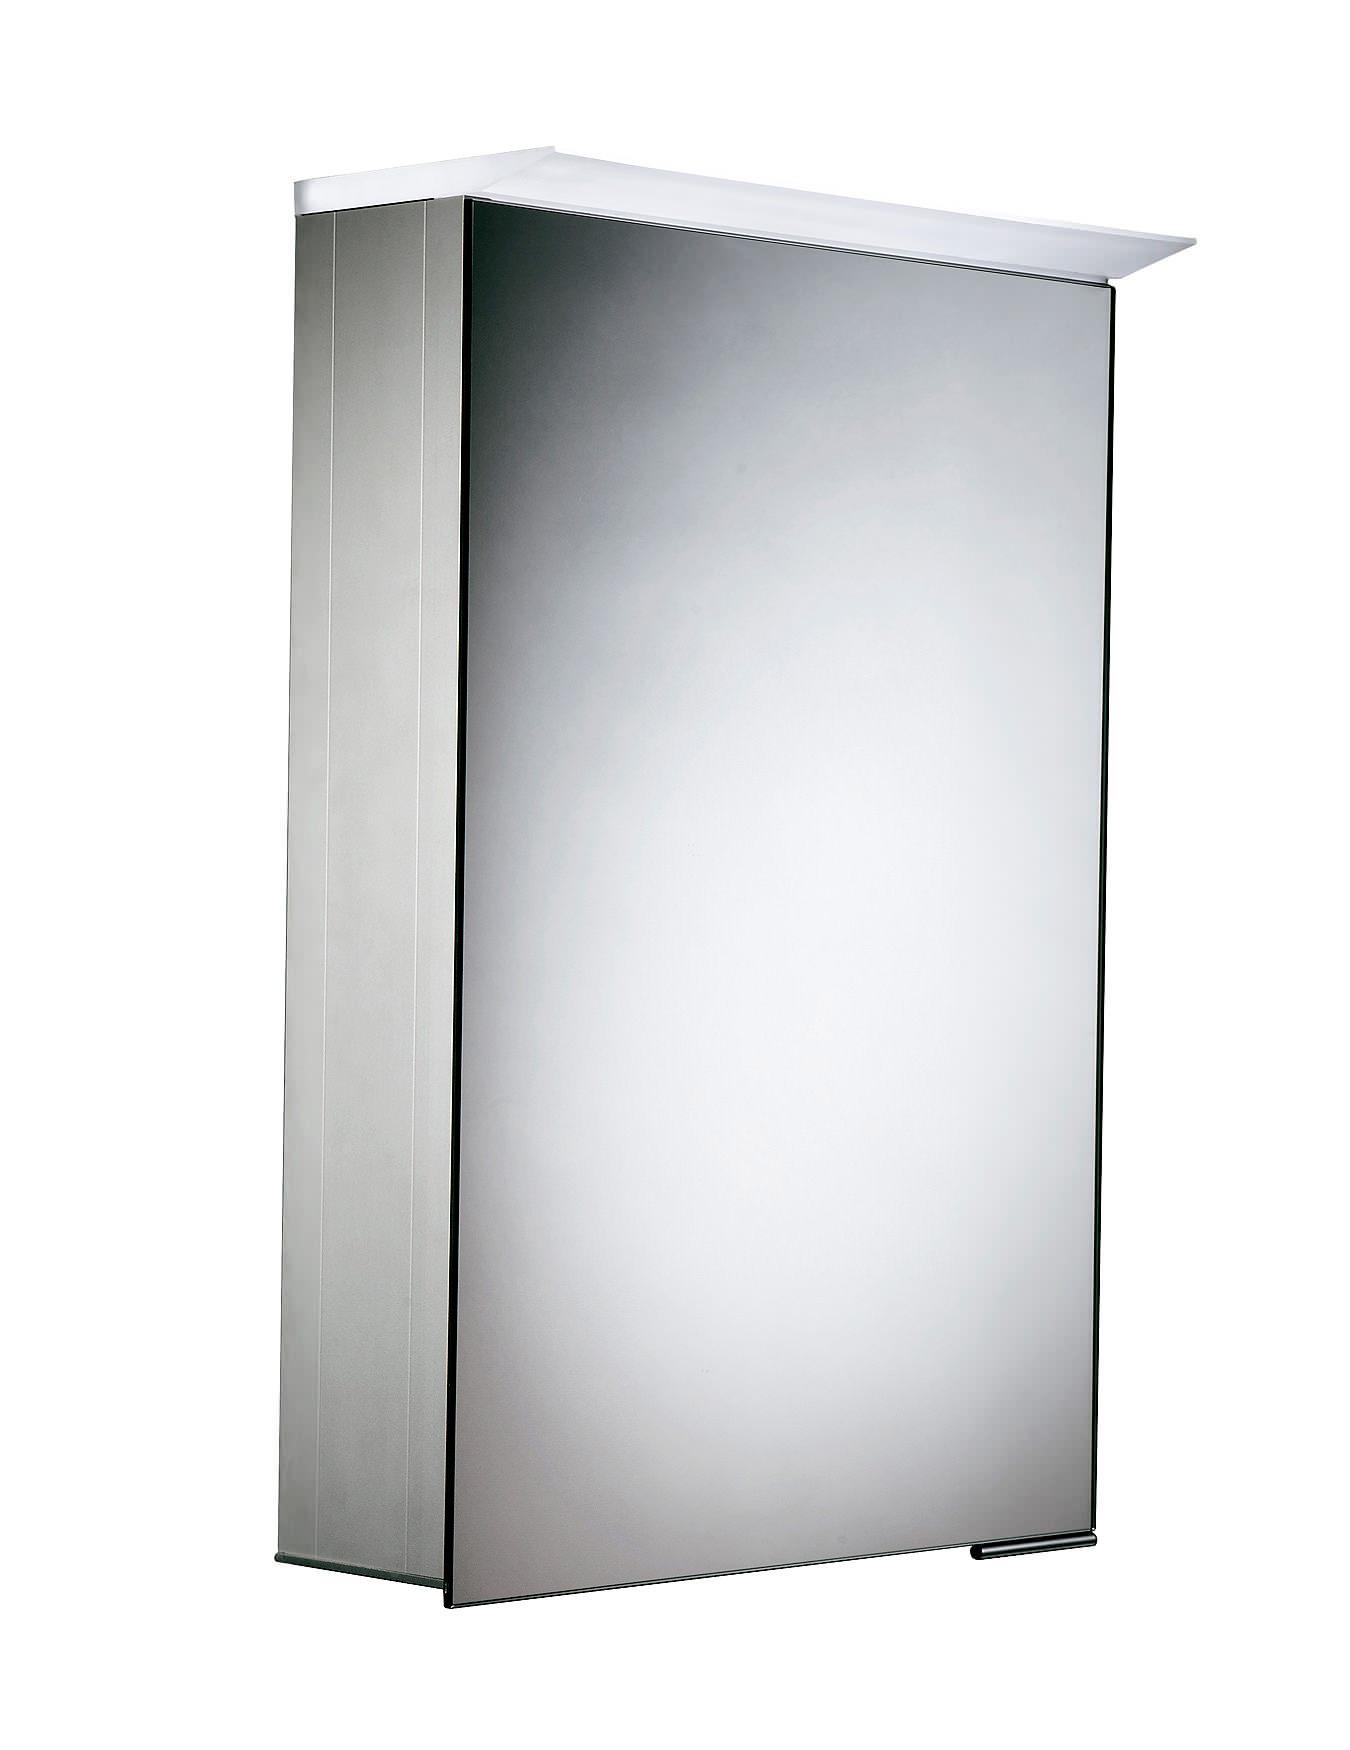 Roper Rhodes Viper 400 x 600mm Illuminated Cabinet   VI40AL